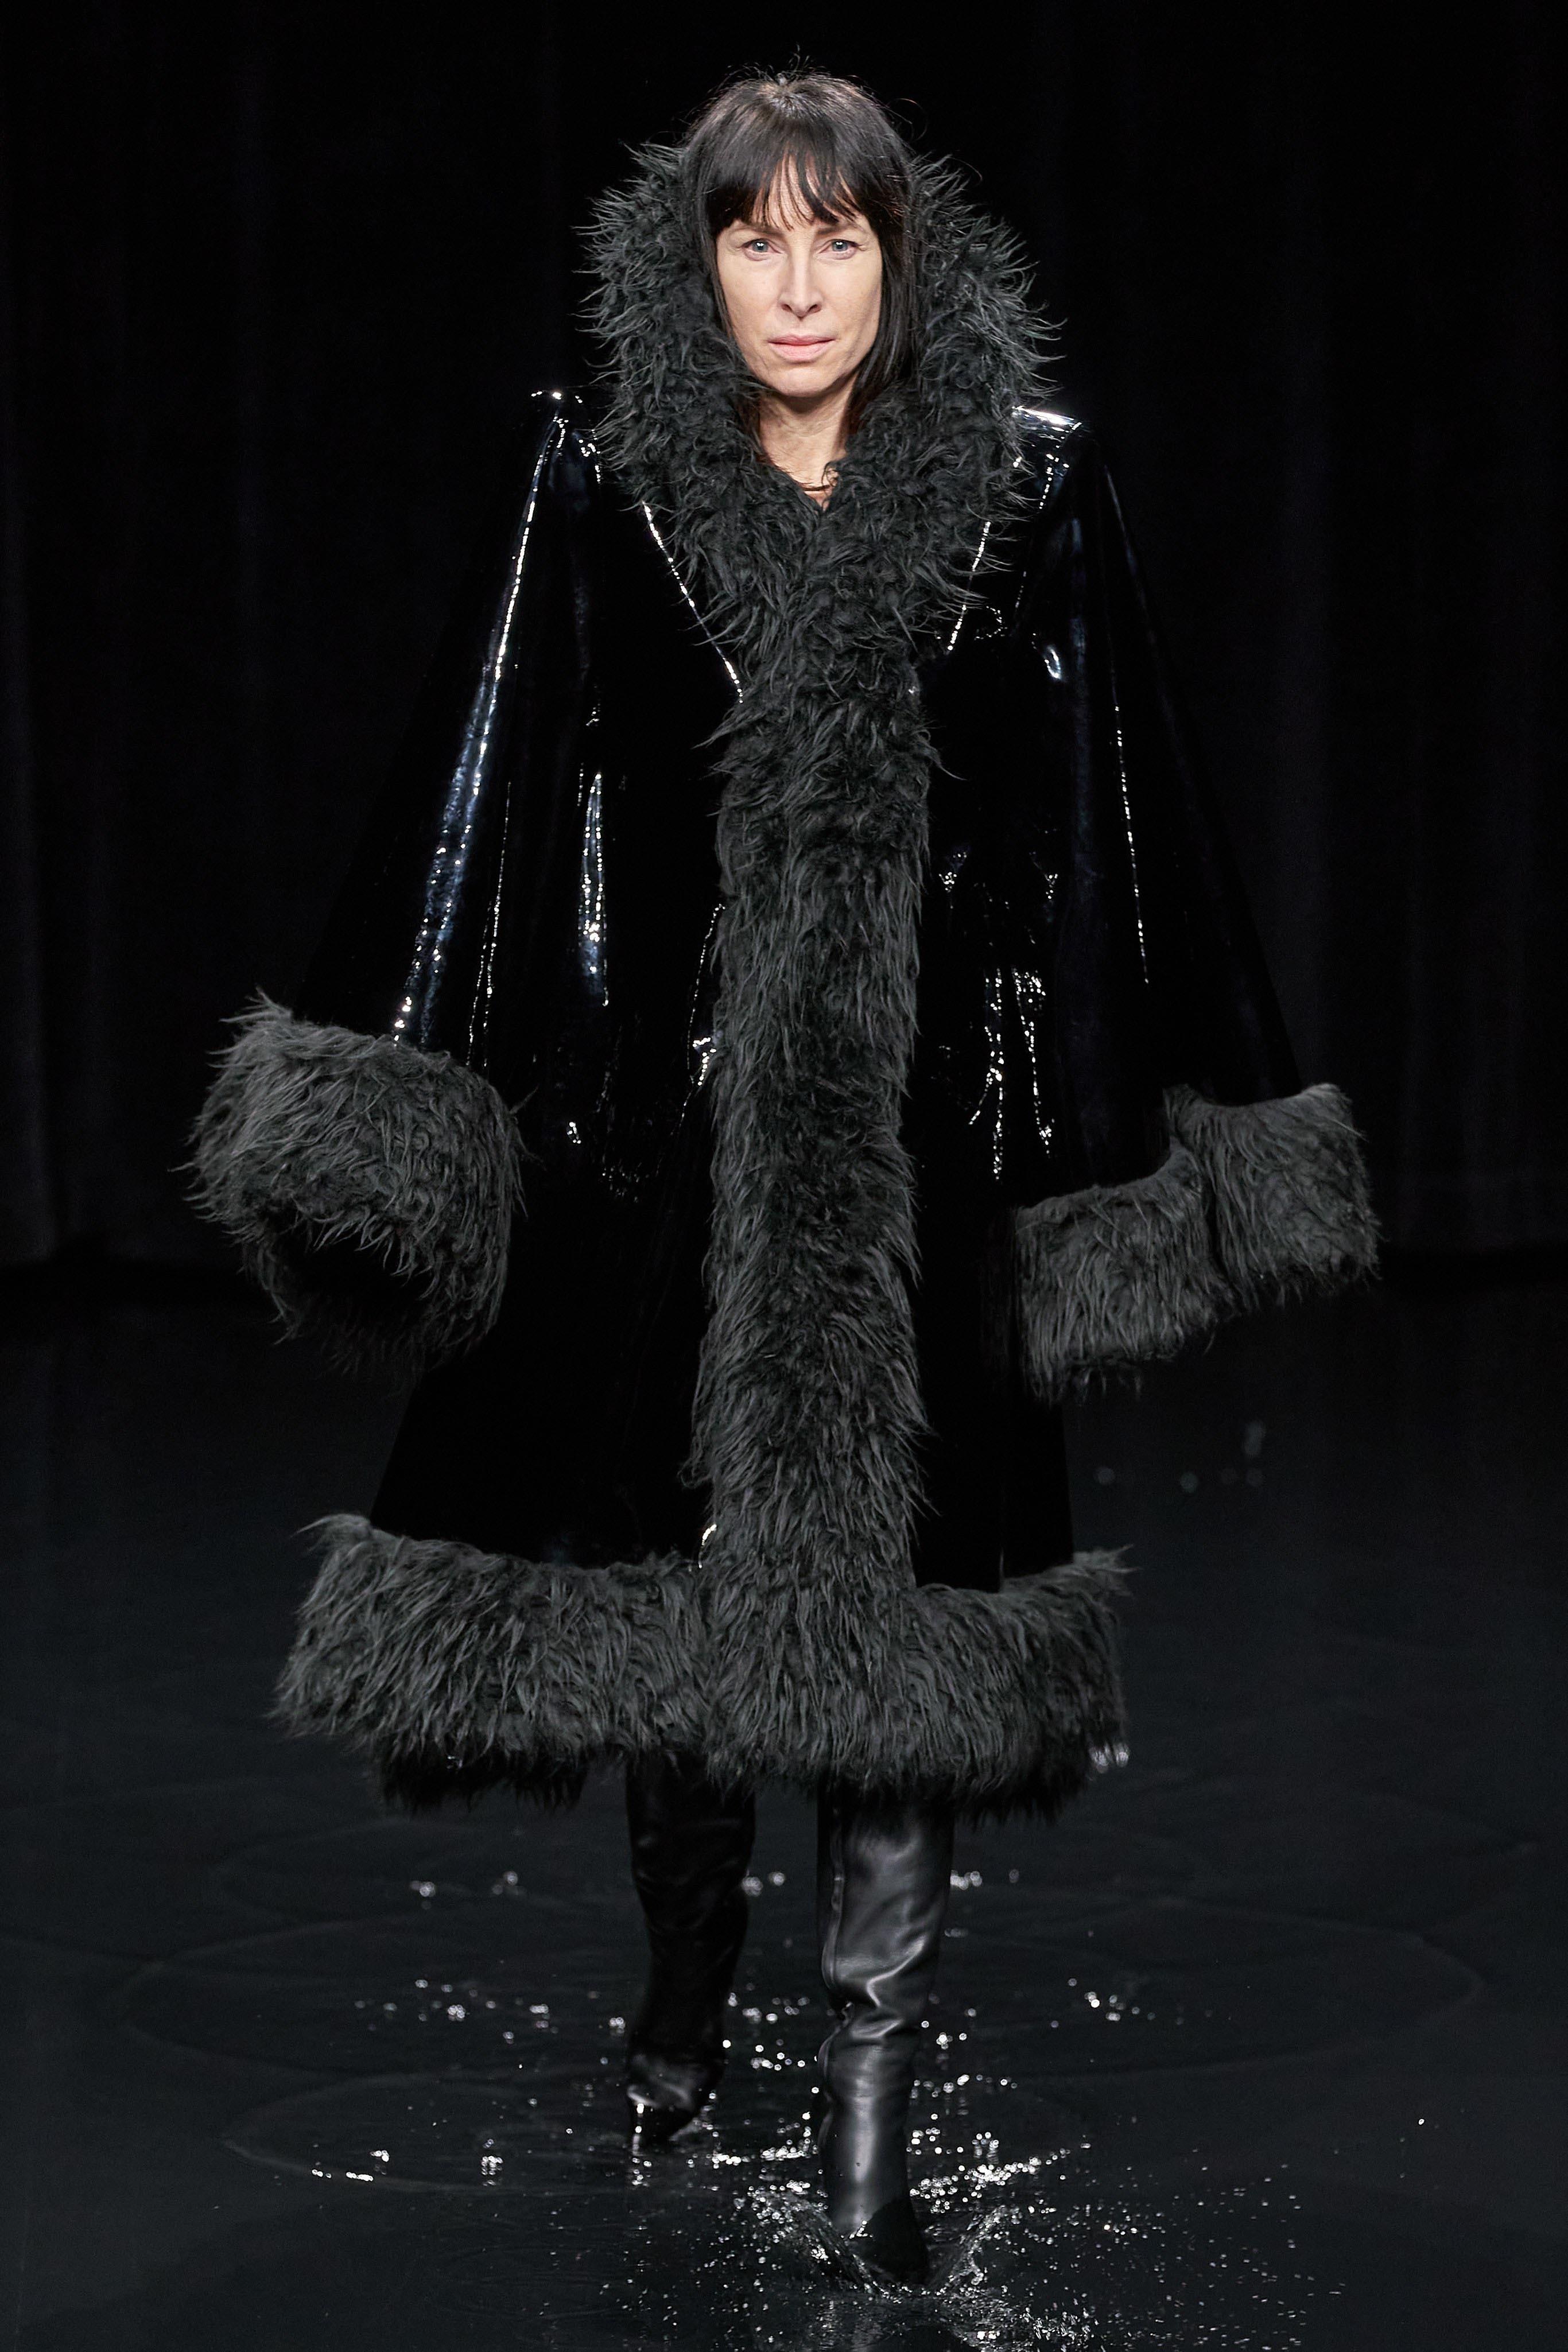 Người mẫu đội đầu thú lên trình diễn thời trang tại Paris Fashion Week - 18